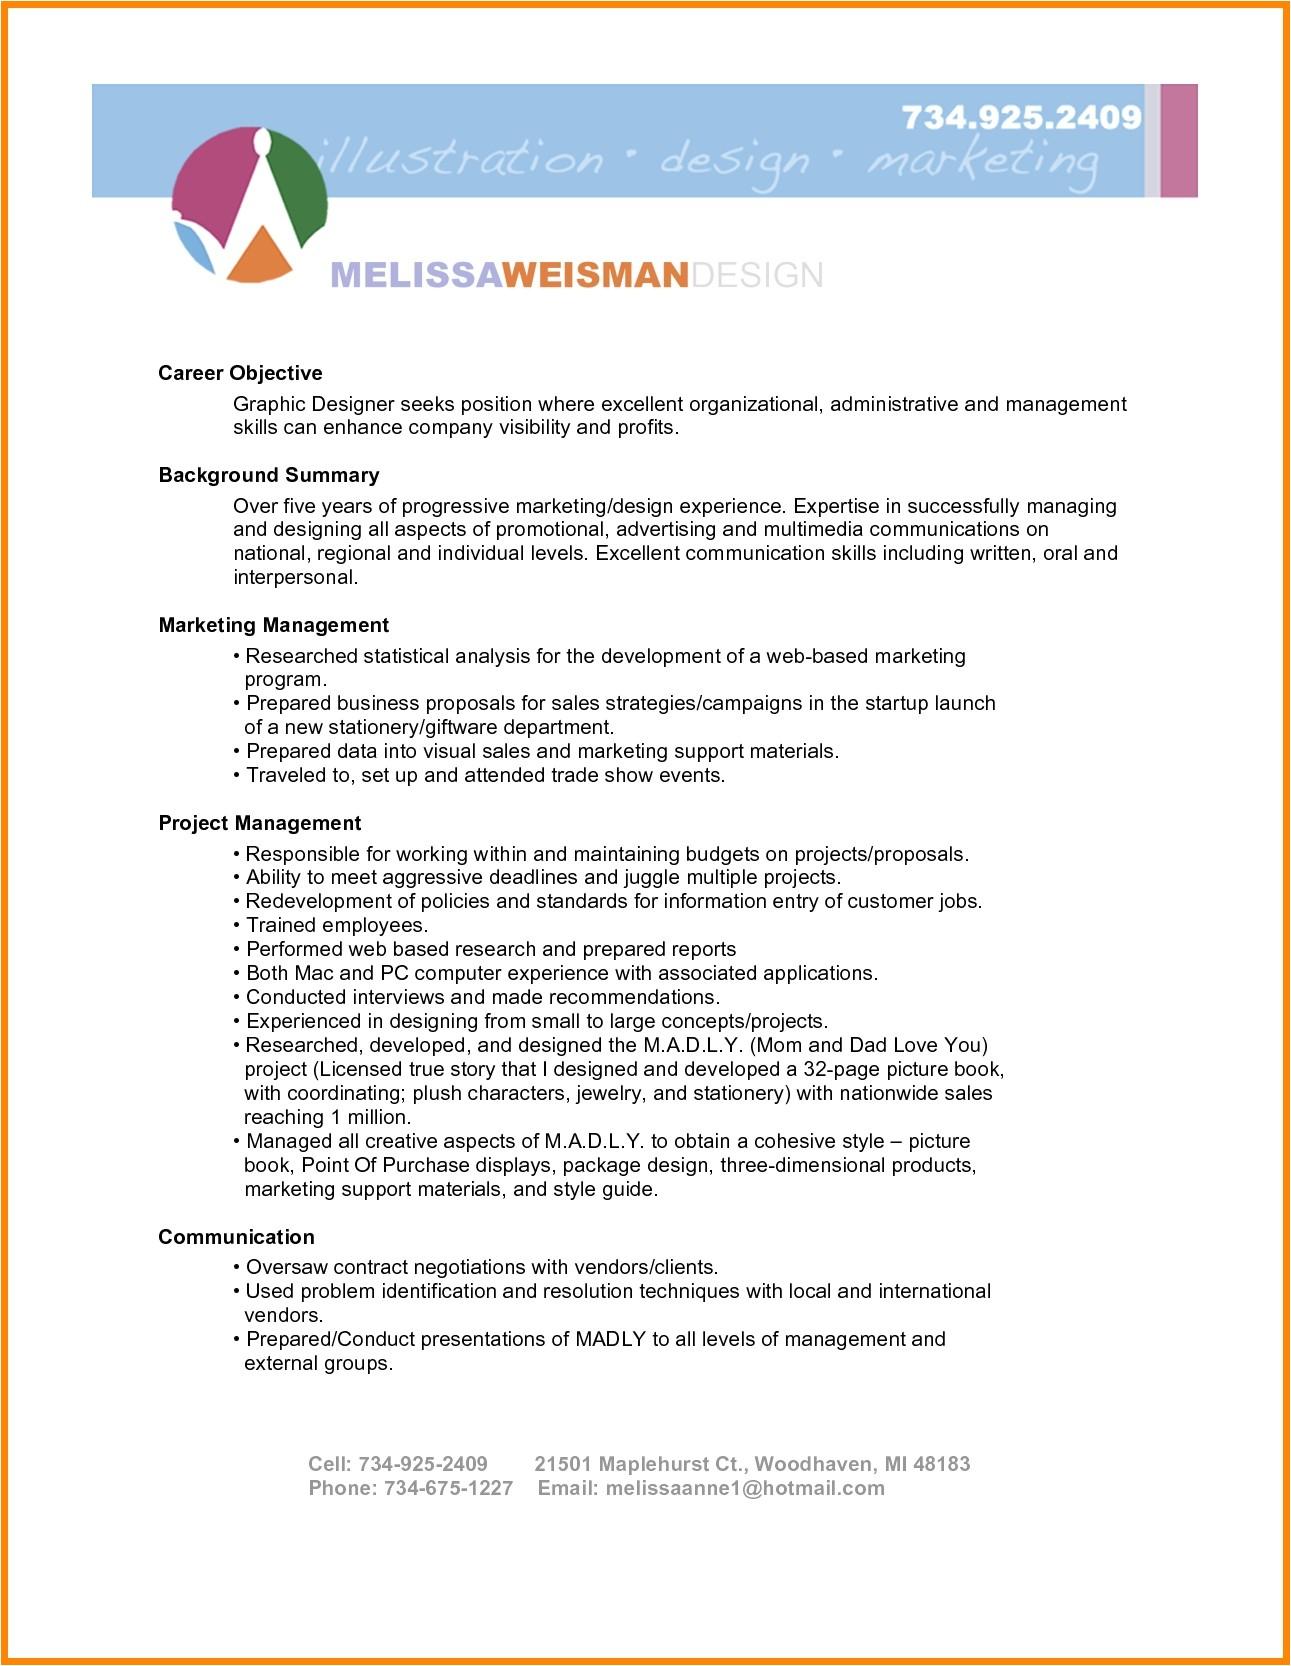 sample resume for graphic designer fresher